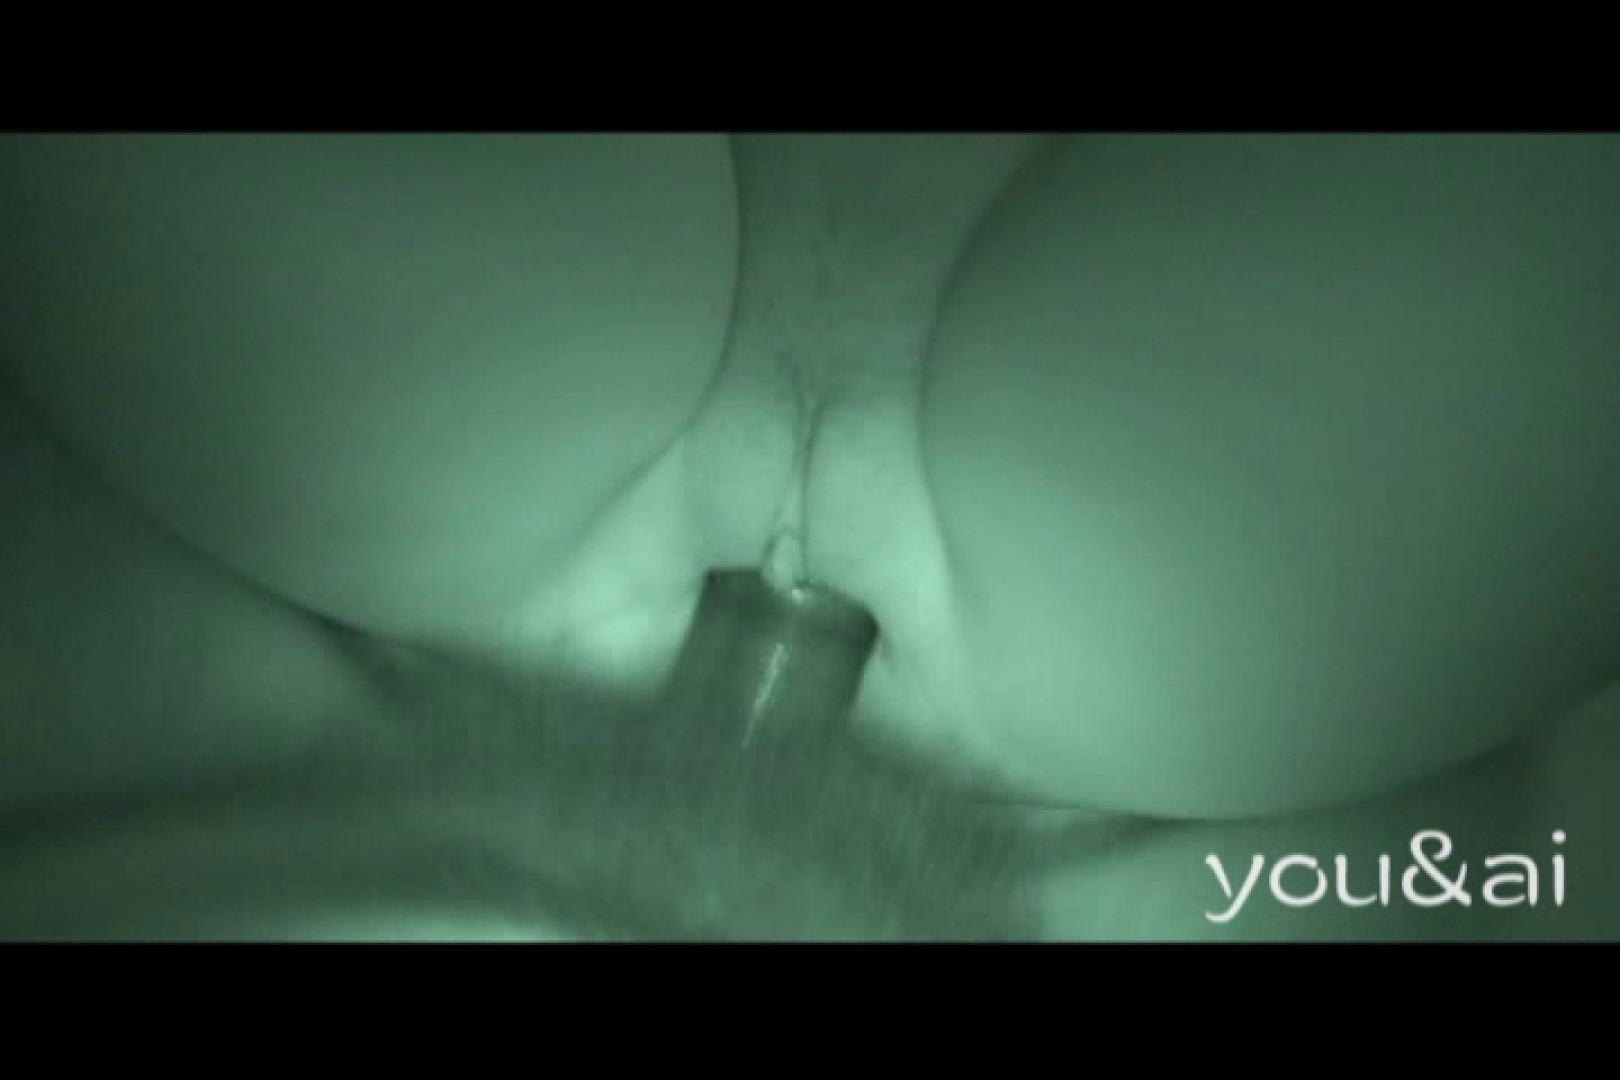 おしどり夫婦のyou&aiさん投稿作品vol.2 一般投稿 セックス無修正動画無料 65pic 65